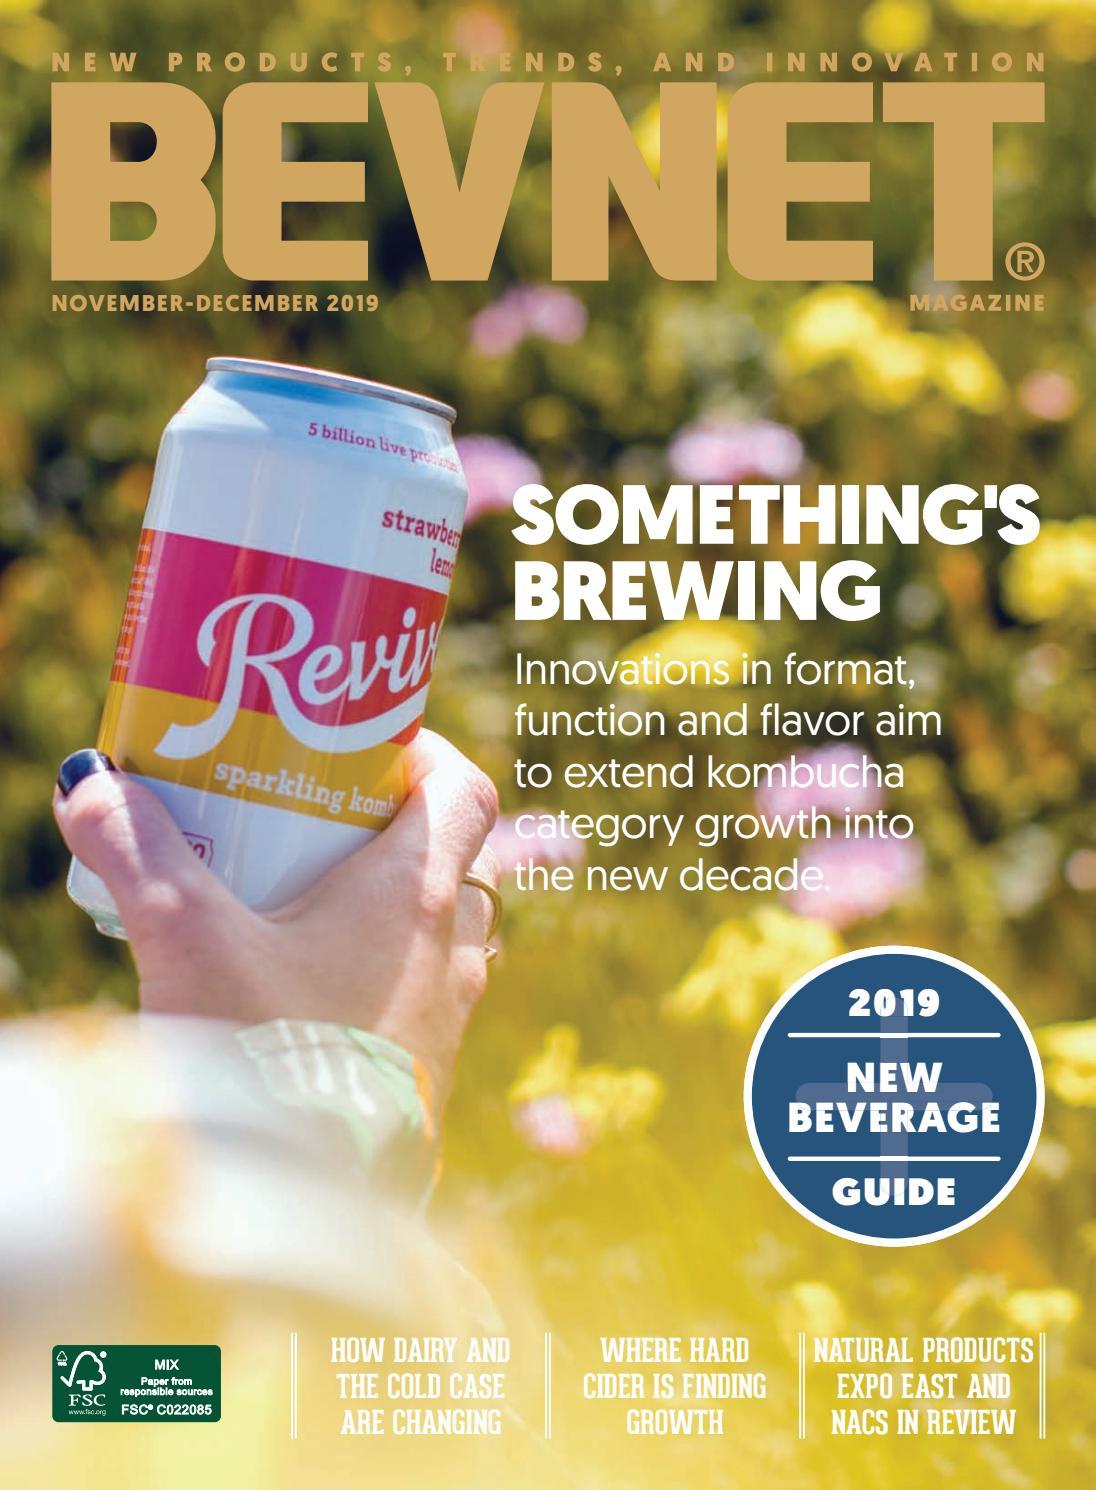 Bevnet Magazine November December 2019 By Bevnet Com Issuu